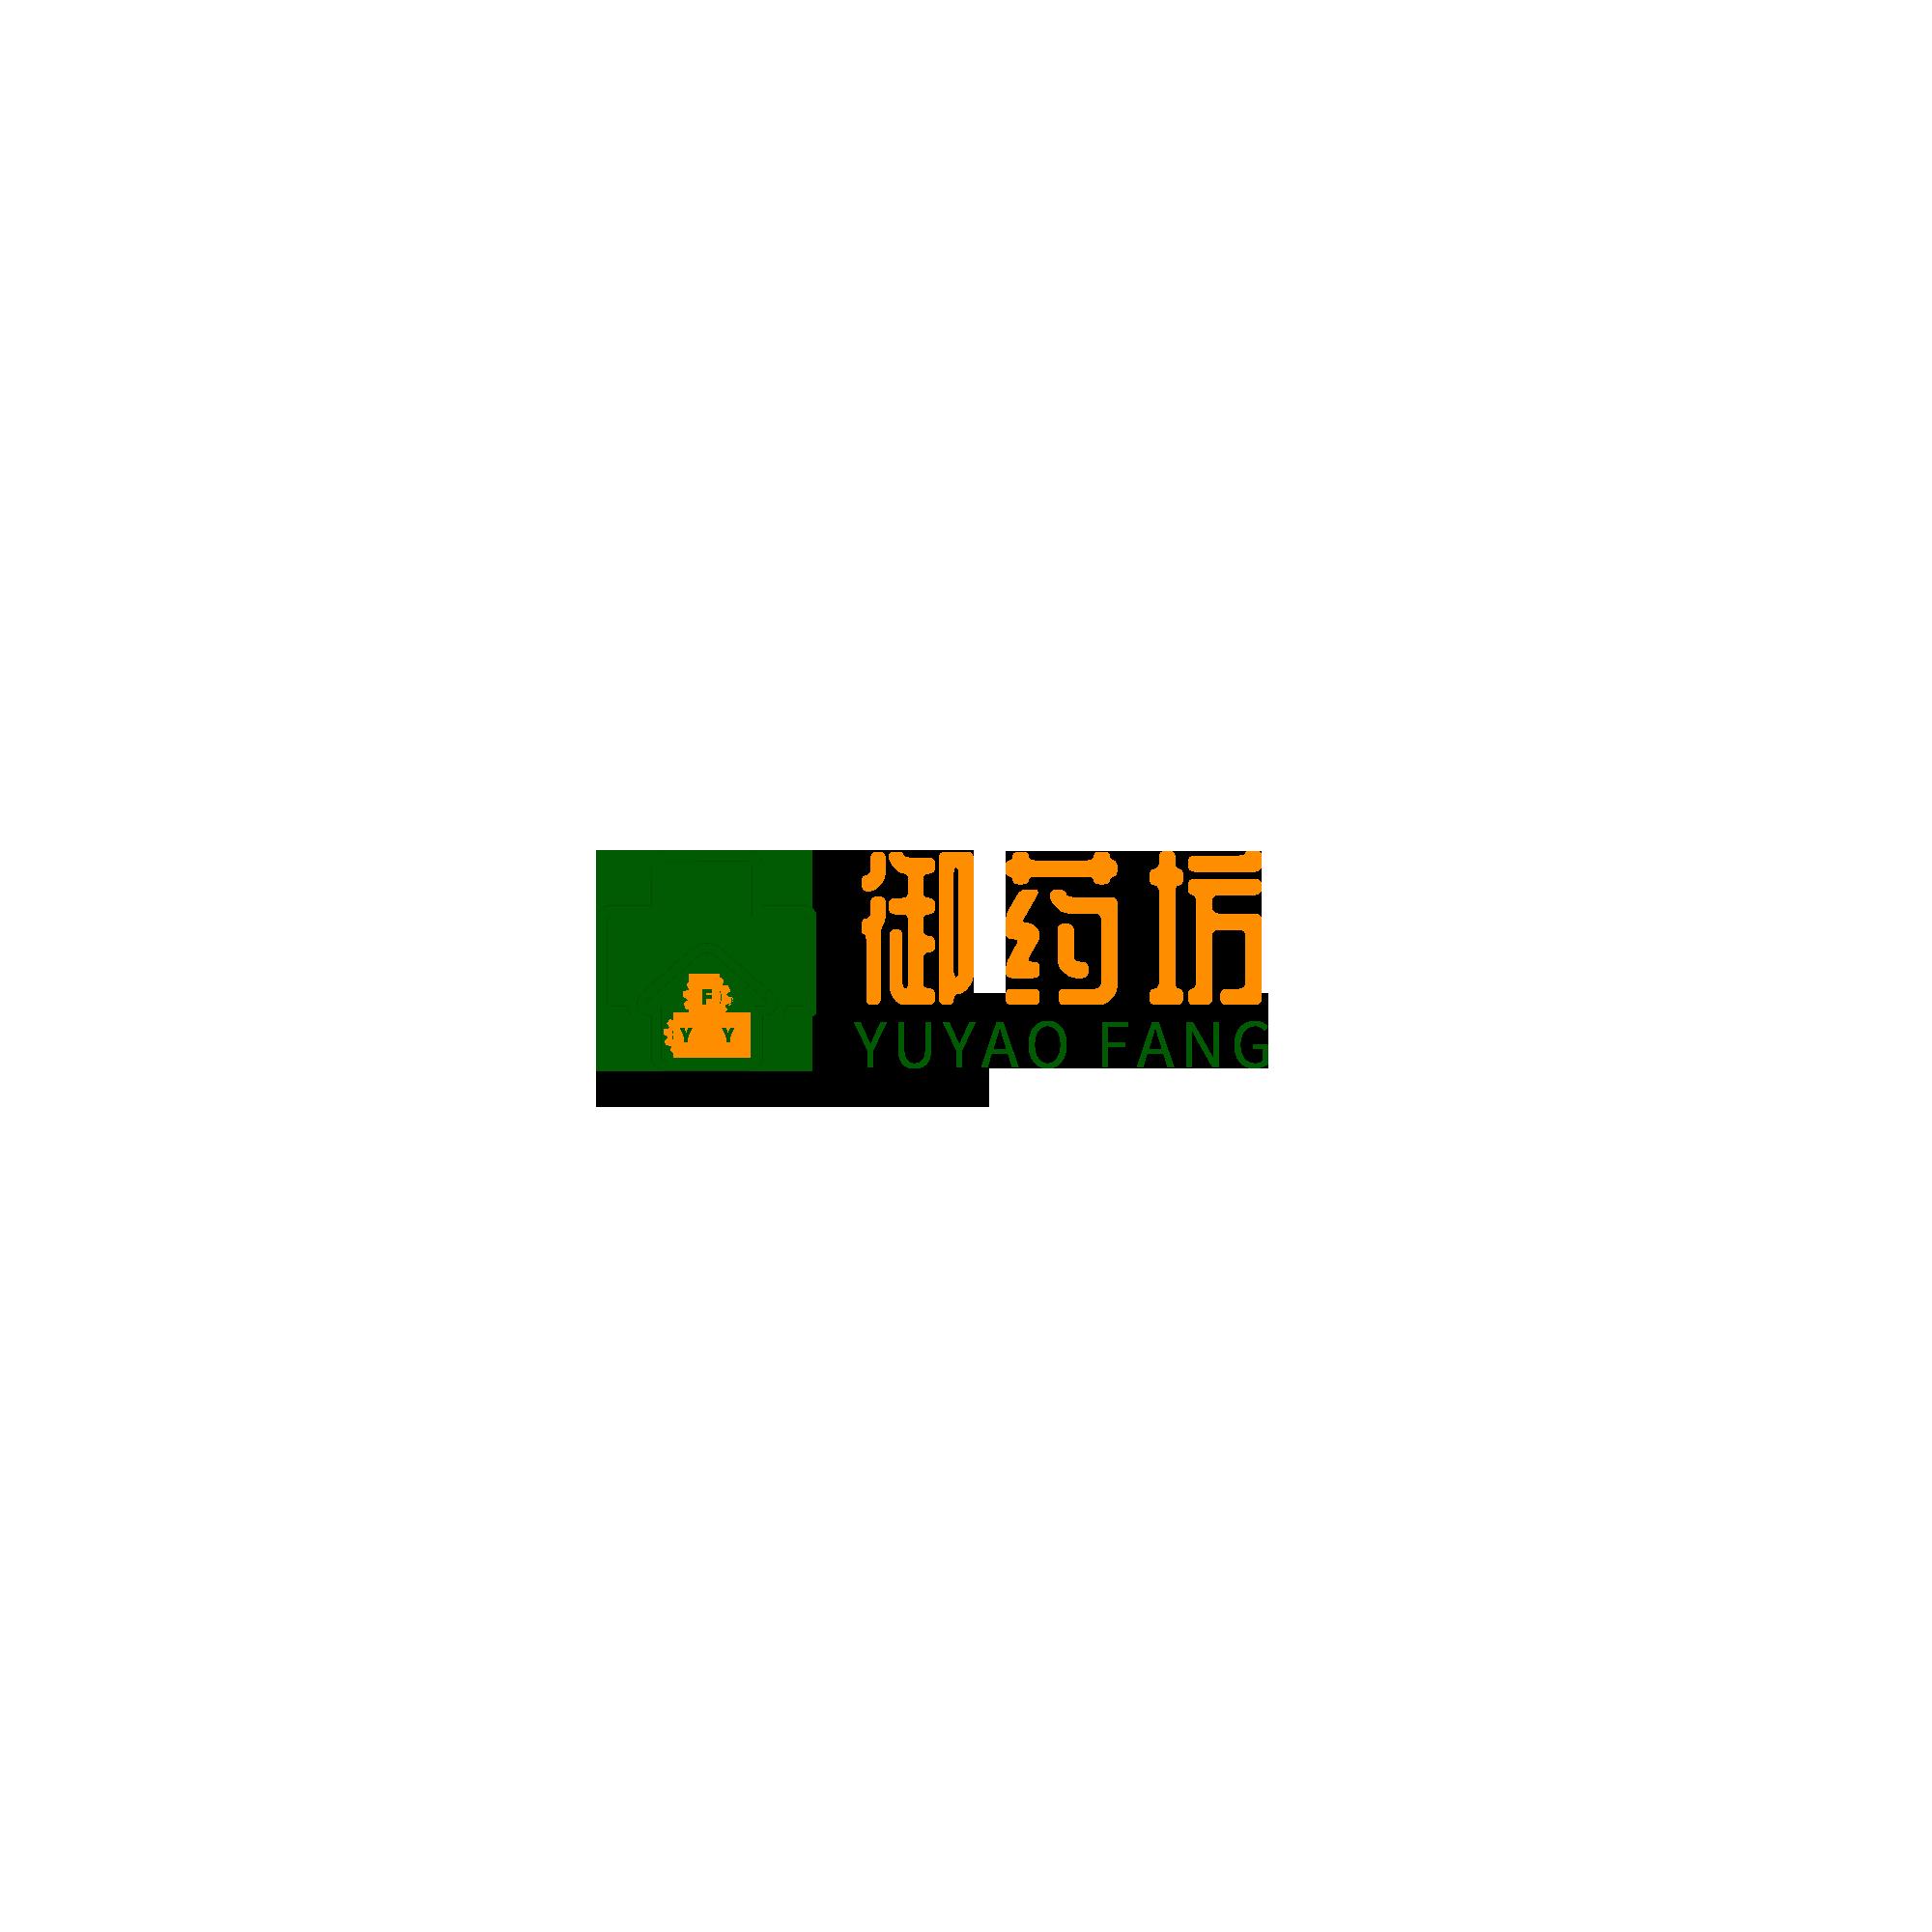 杭州御药坊科技有限公司